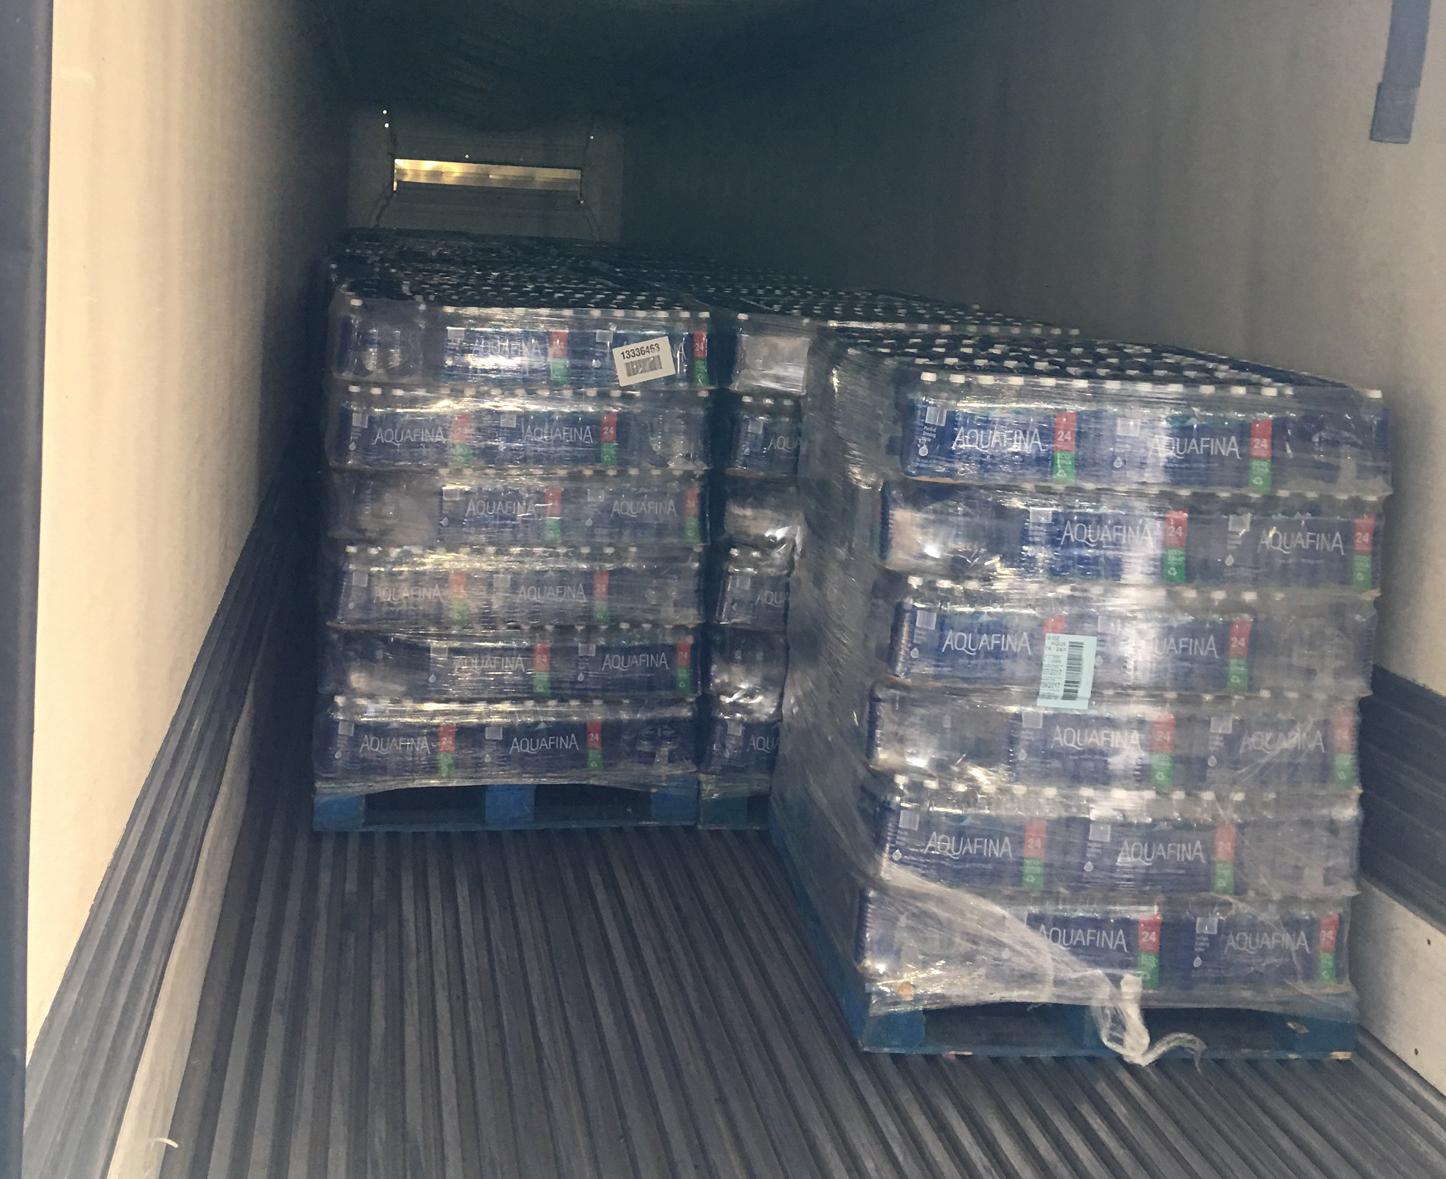 200,00 water bottles